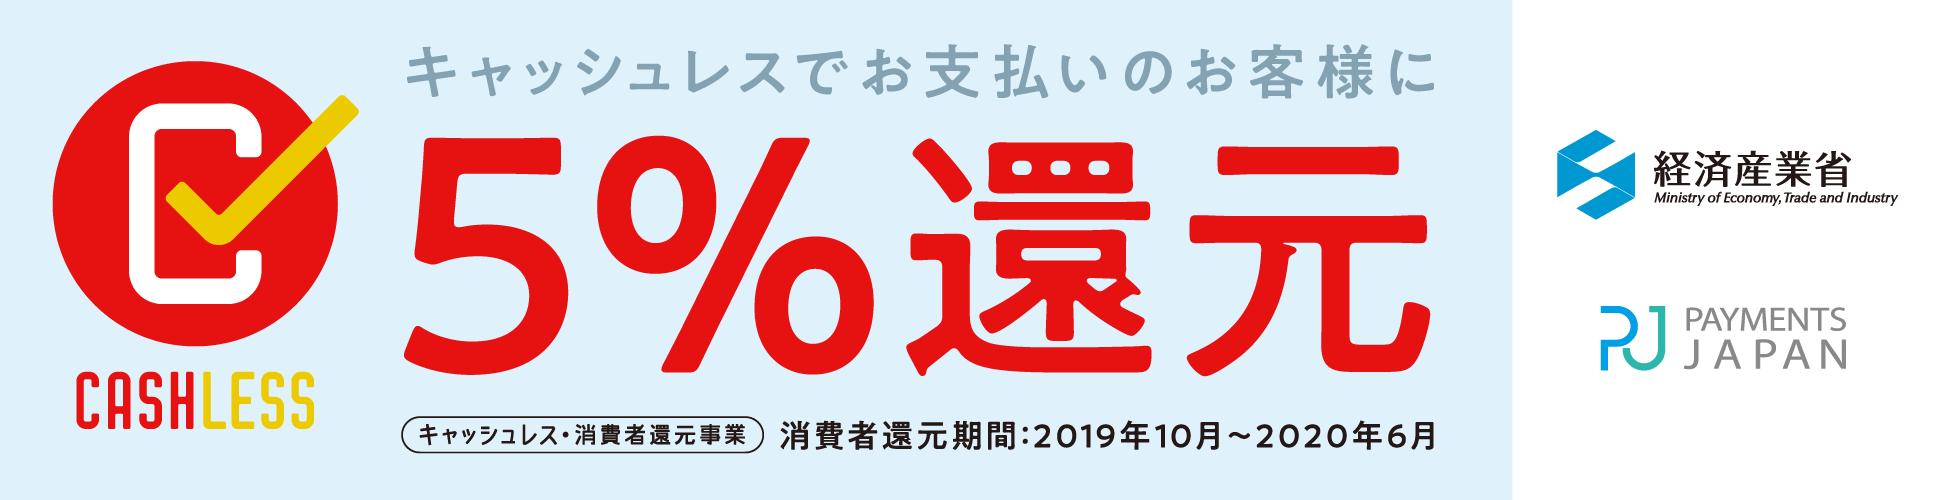 キャッシュレスでお支払いのお客様に5%還元 キャッシュレス・消費者還元事業 消費者還元期間:2019年10月〜2020年6月 経済産業省 PAYMENTS JAPAN CASHLESS